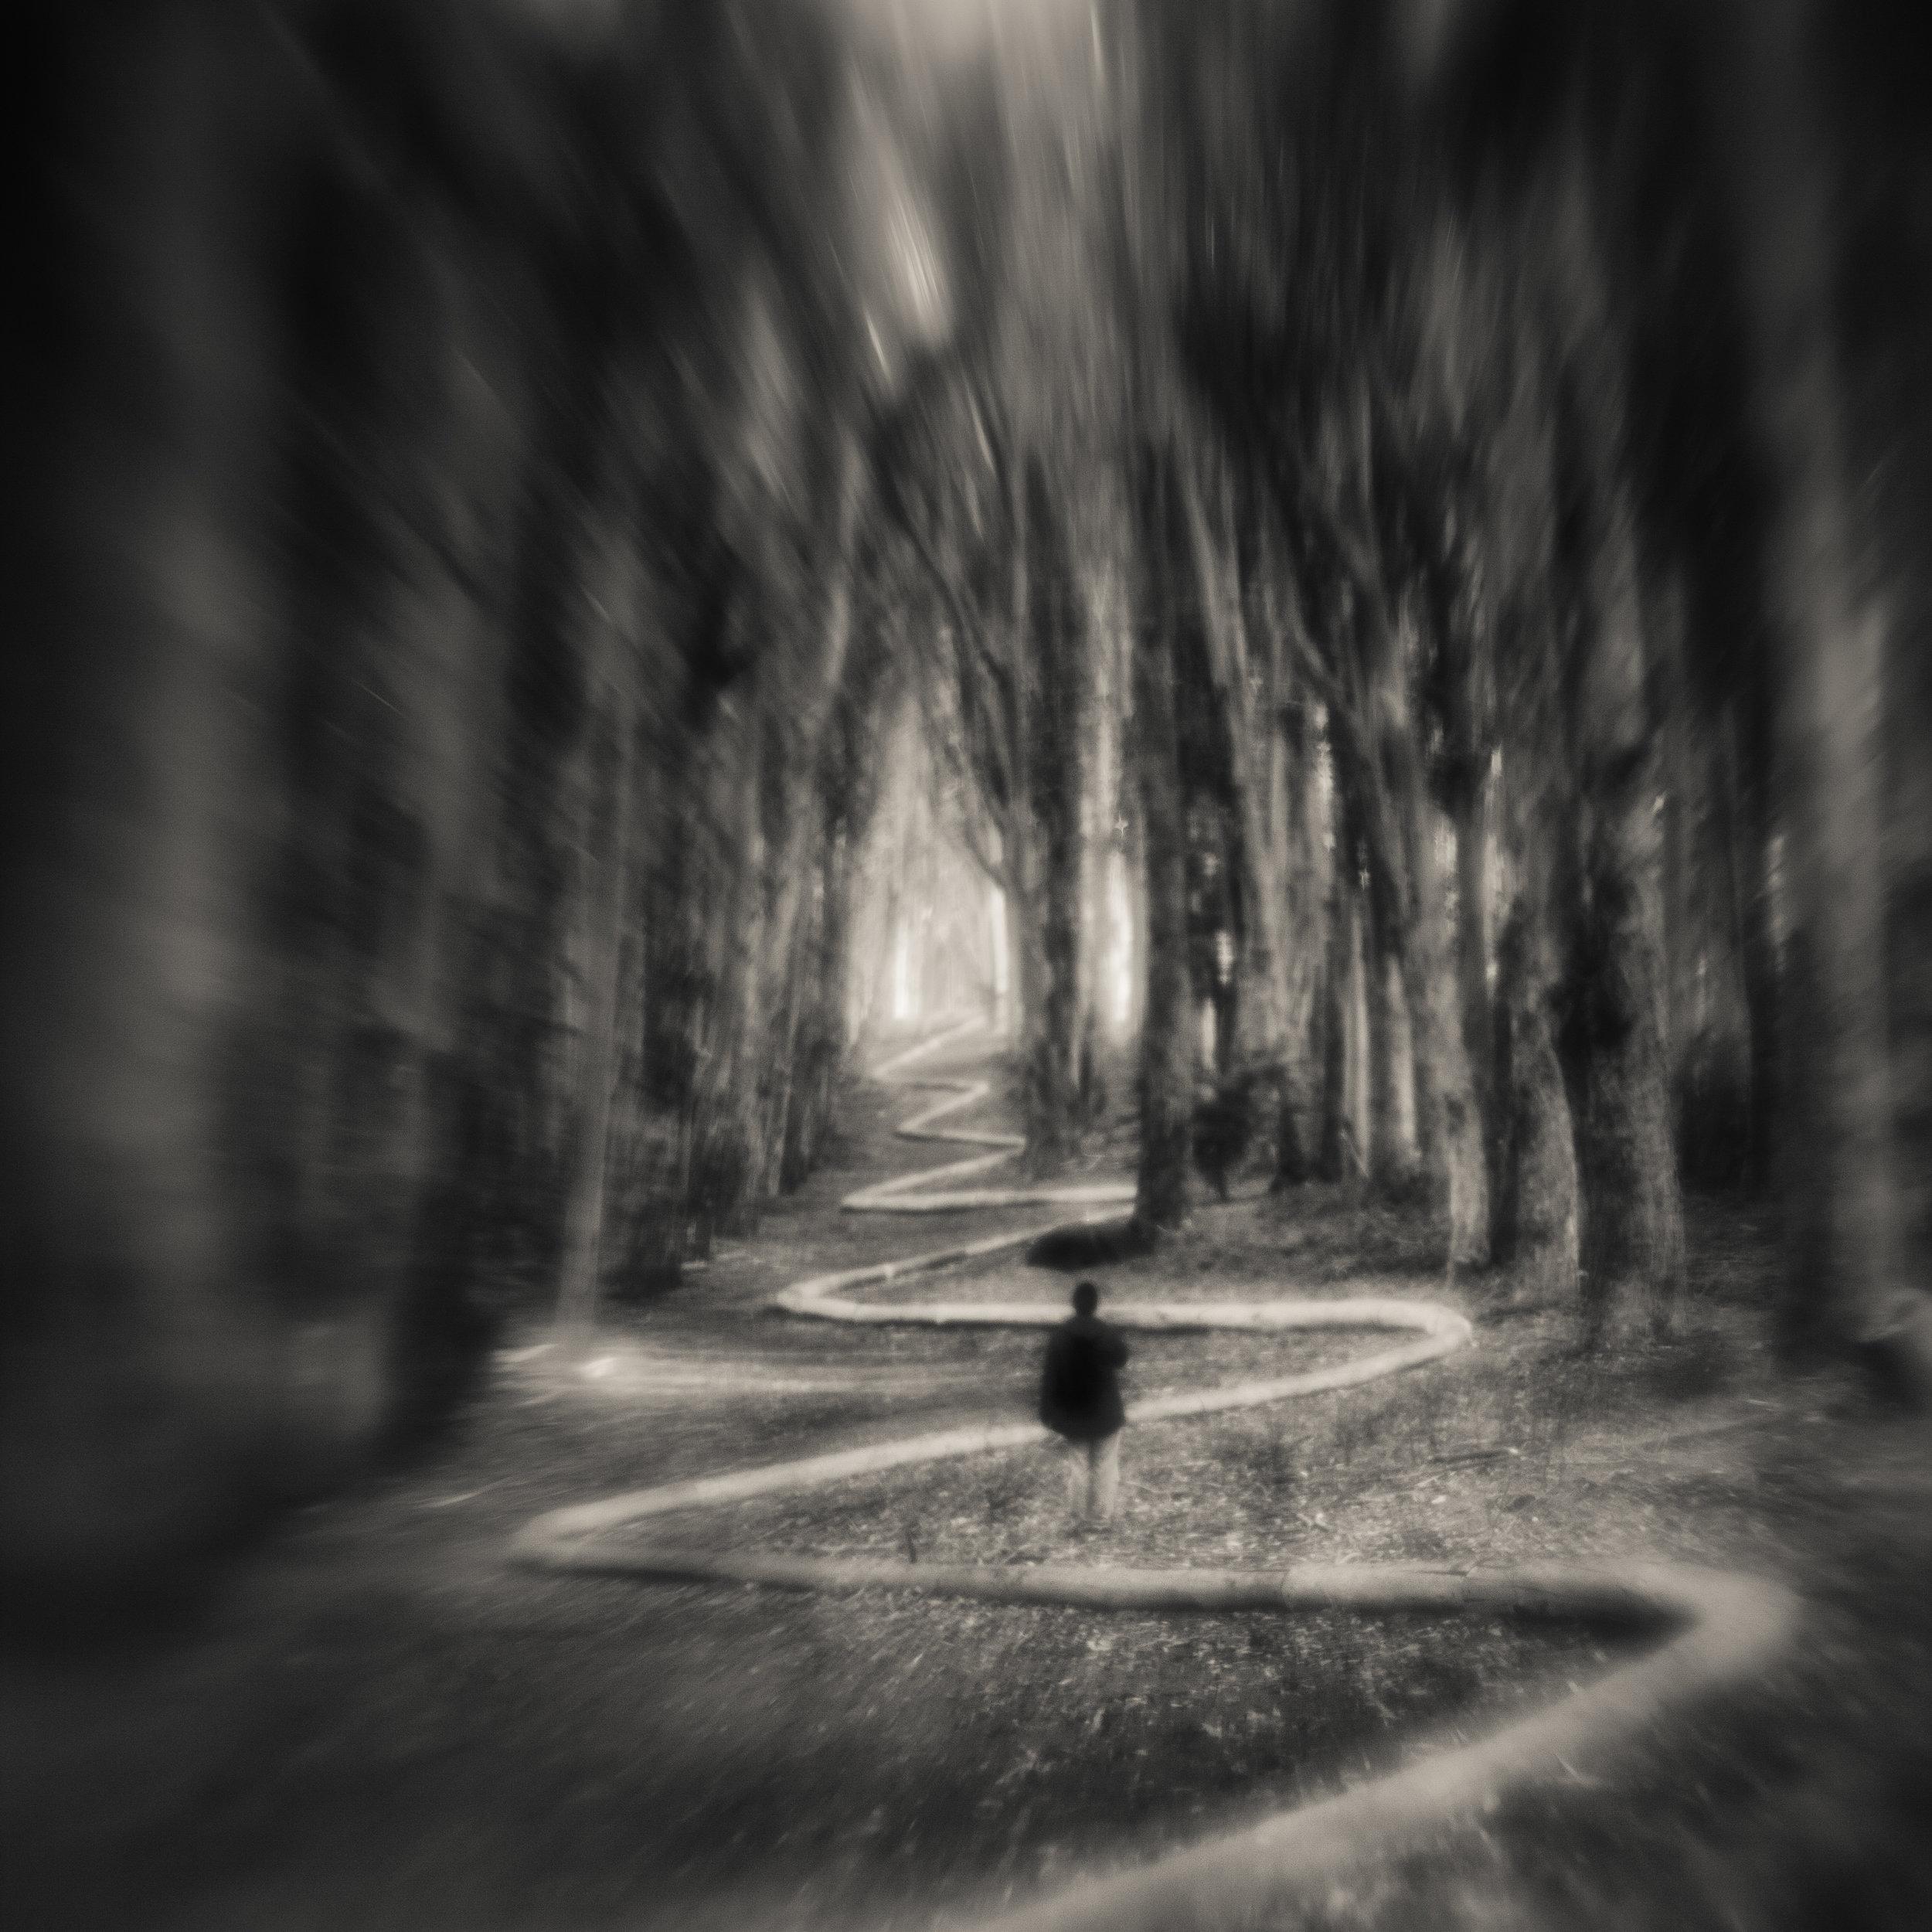 San Francisco presidio goldsworthy wavy line path forest blur figure